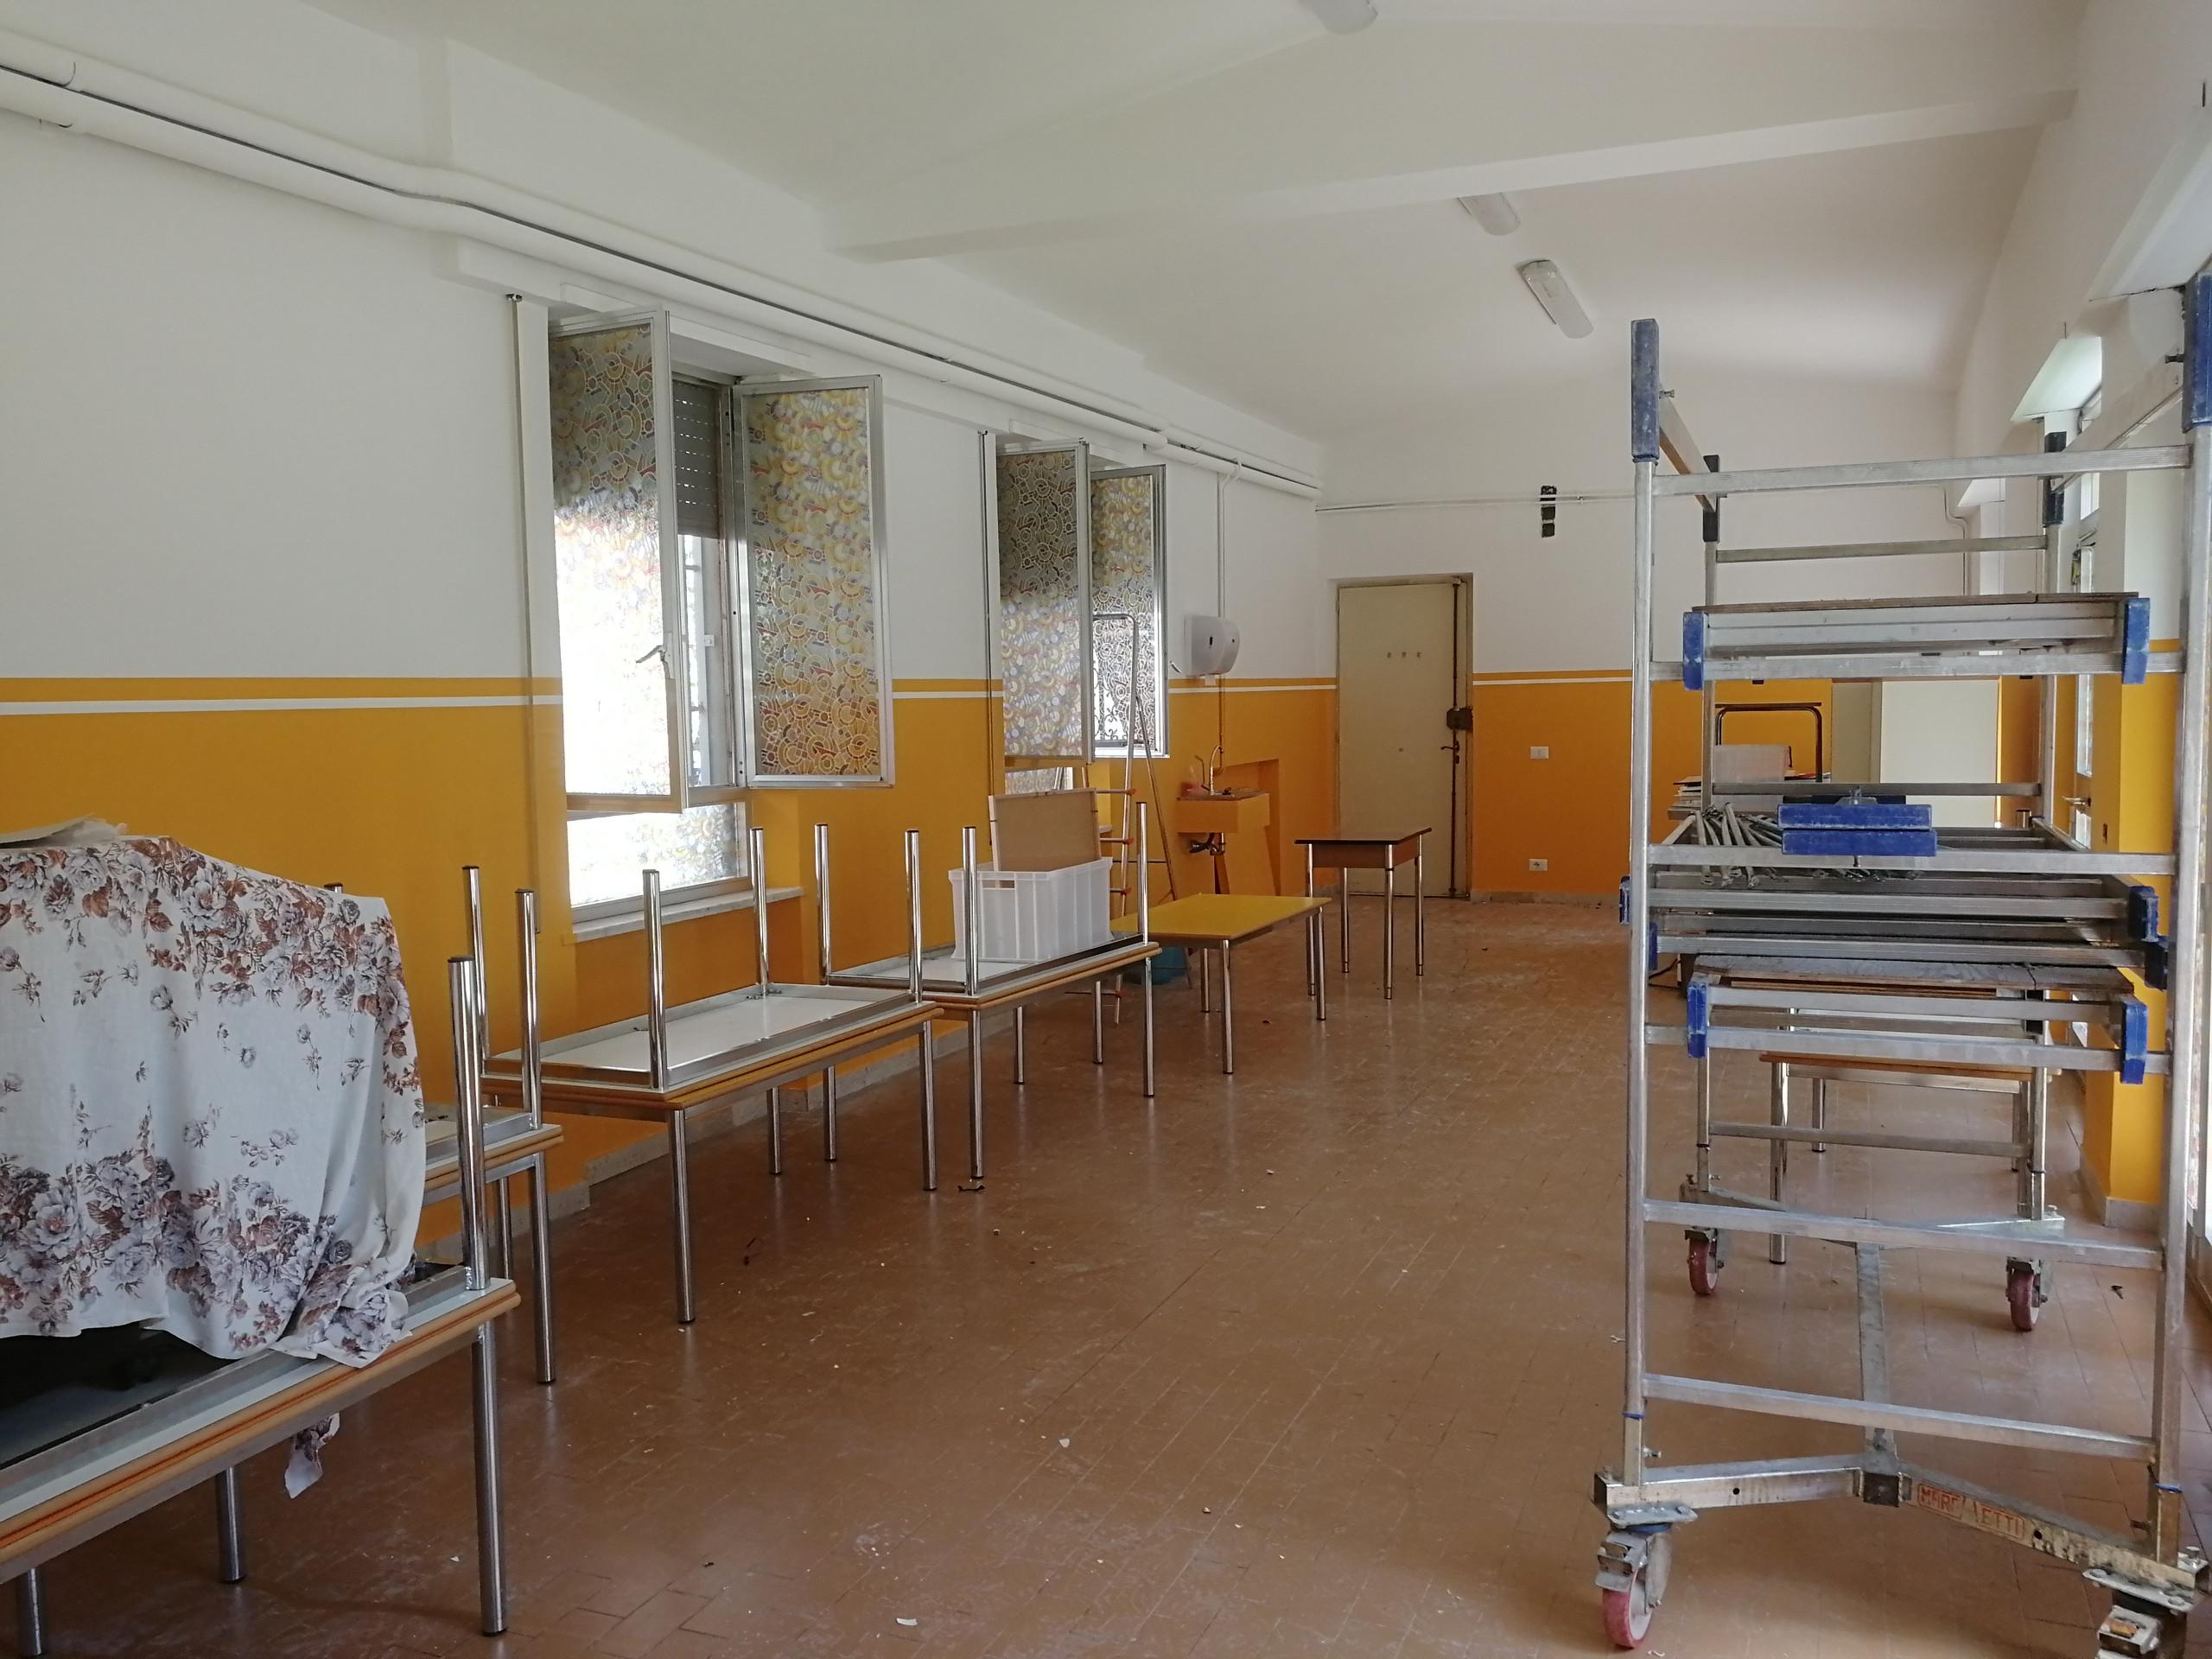 Scuola elementare Congregazione Gesù Maria